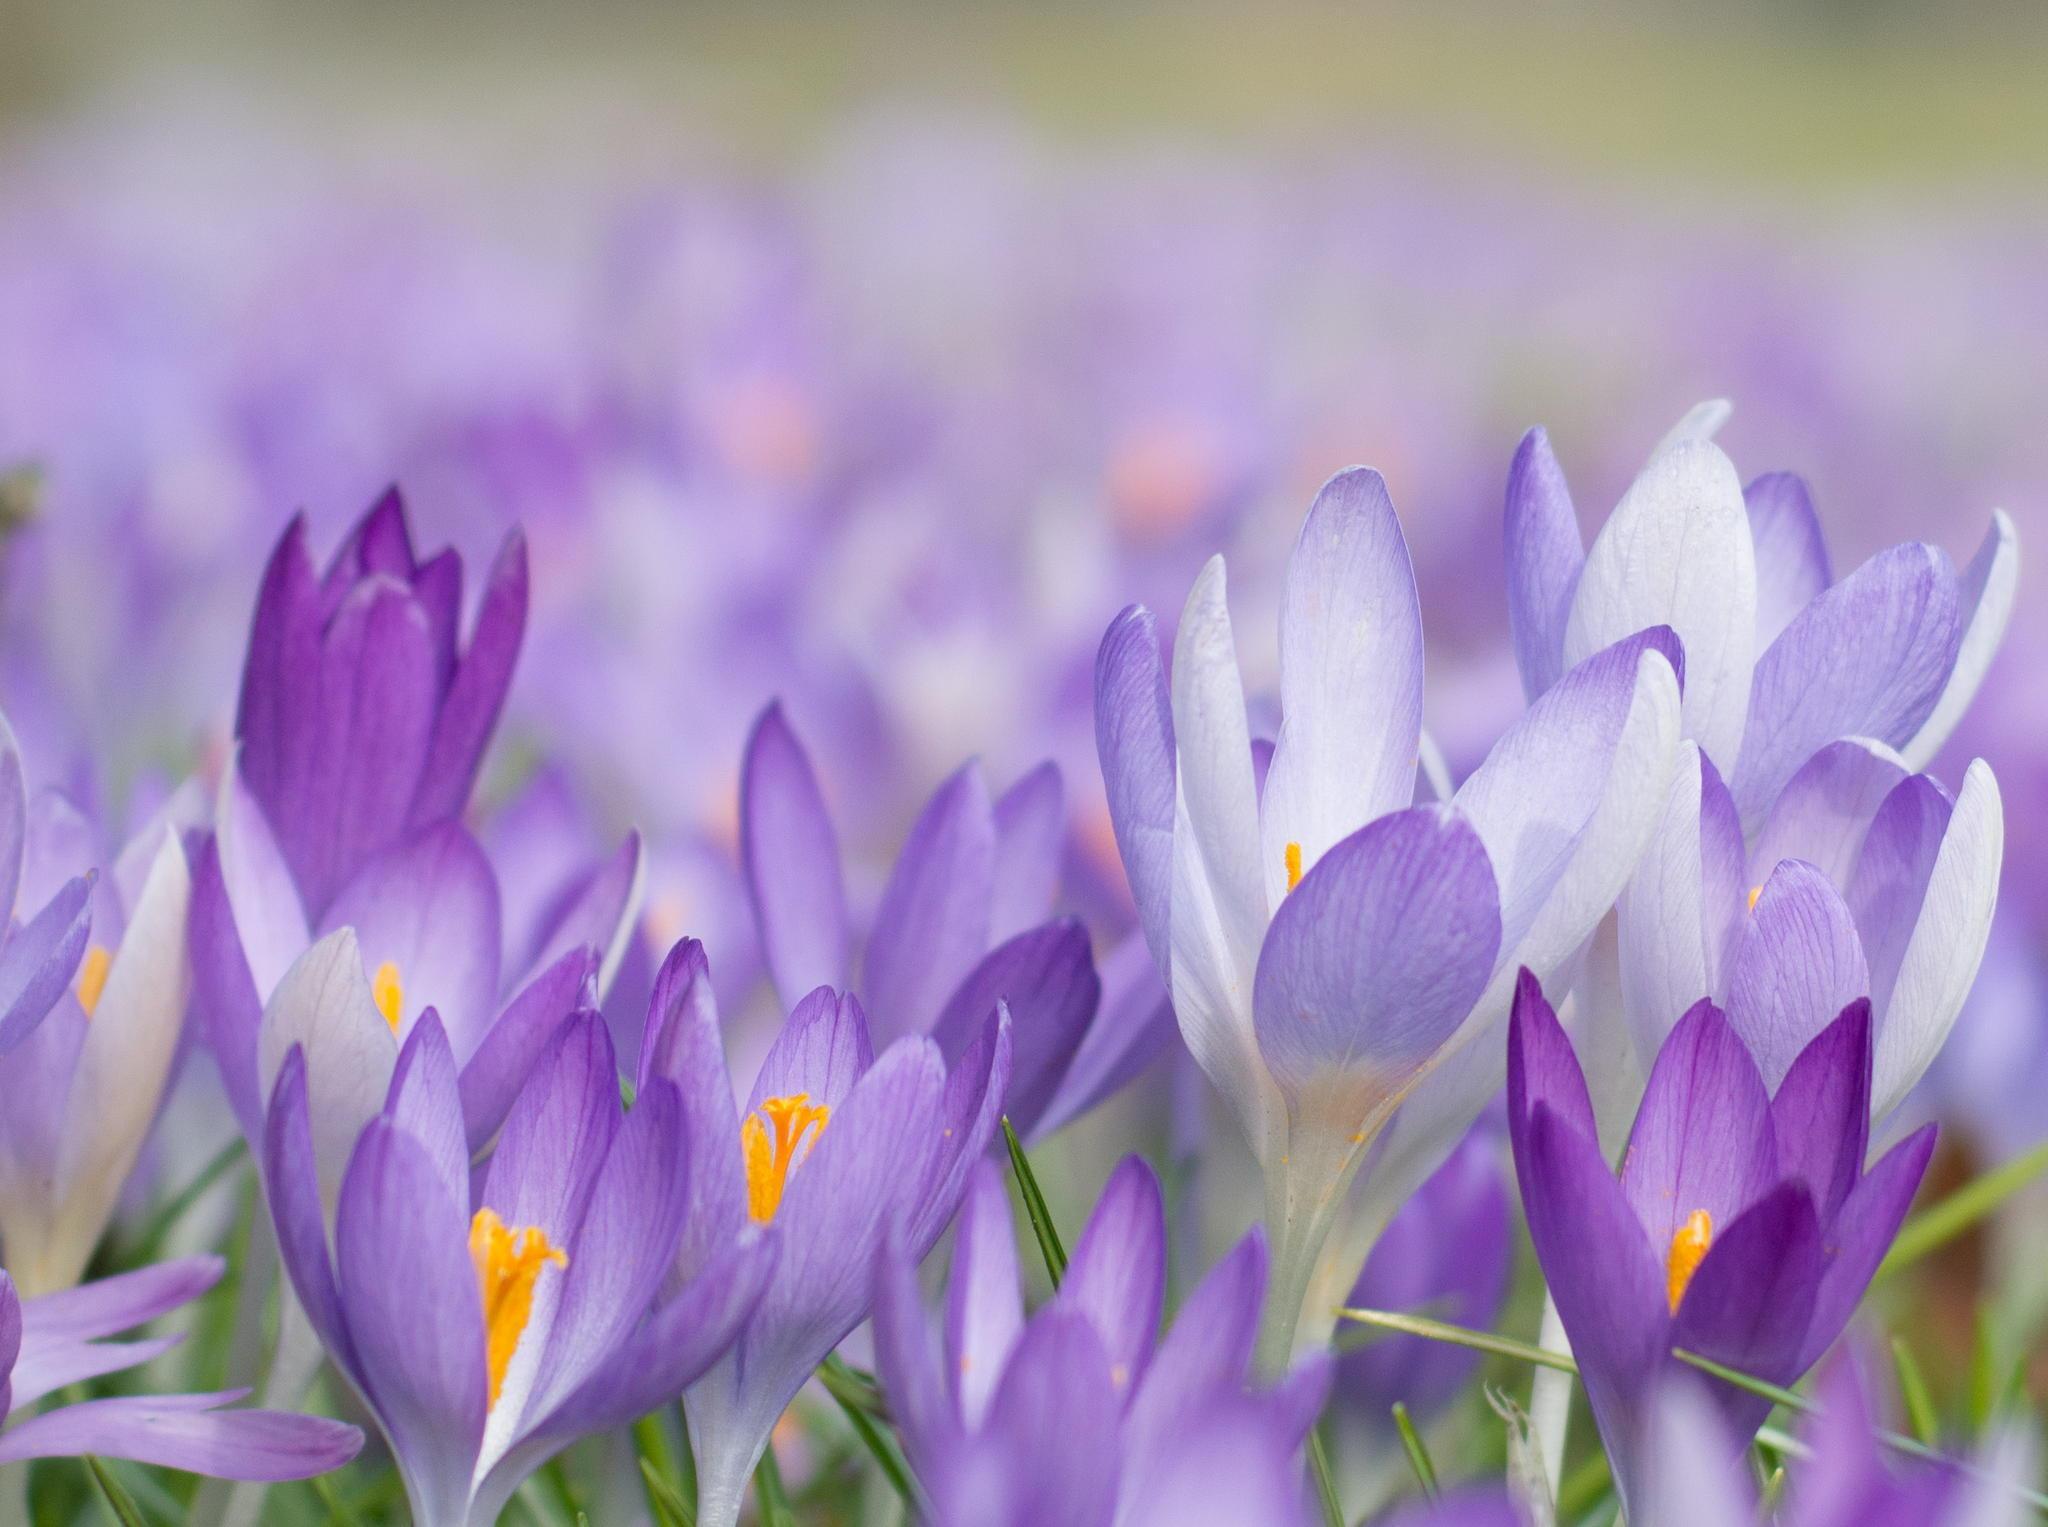 Цветы весной фото на рабочий стол большие модель